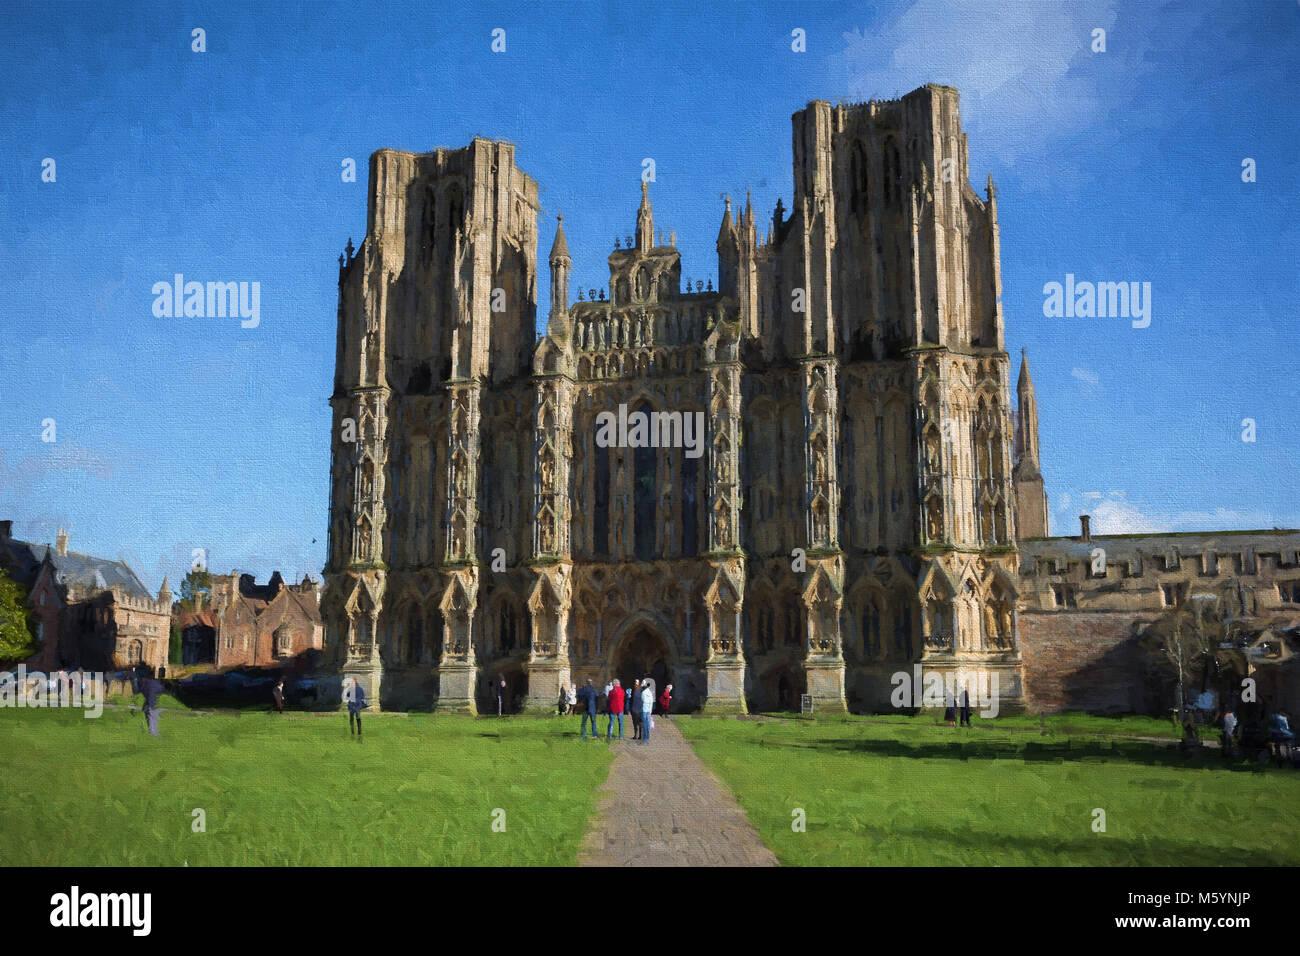 Wells Cathedral historique bâtiment Somerset anglais illustration comme la peinture à l'huile Photo Stock